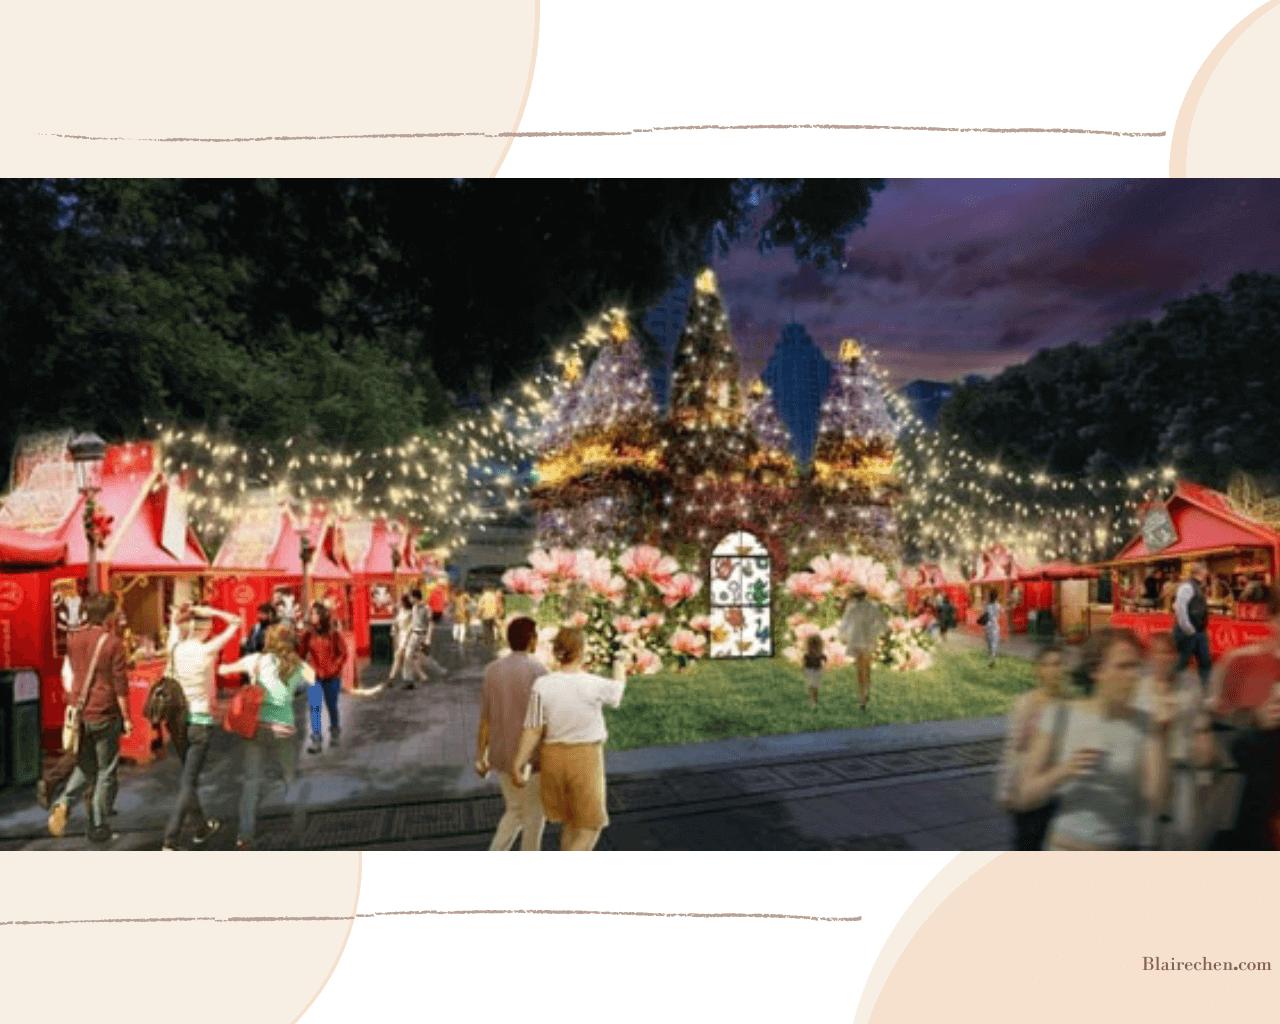 【新北歡樂耶誕城】|迪士尼控必衝!!歡慶10週年、六大夢幻裝置、四大主題燈區、耶誕絕美光廊、破千樣周邊,打卡攻略總整理!